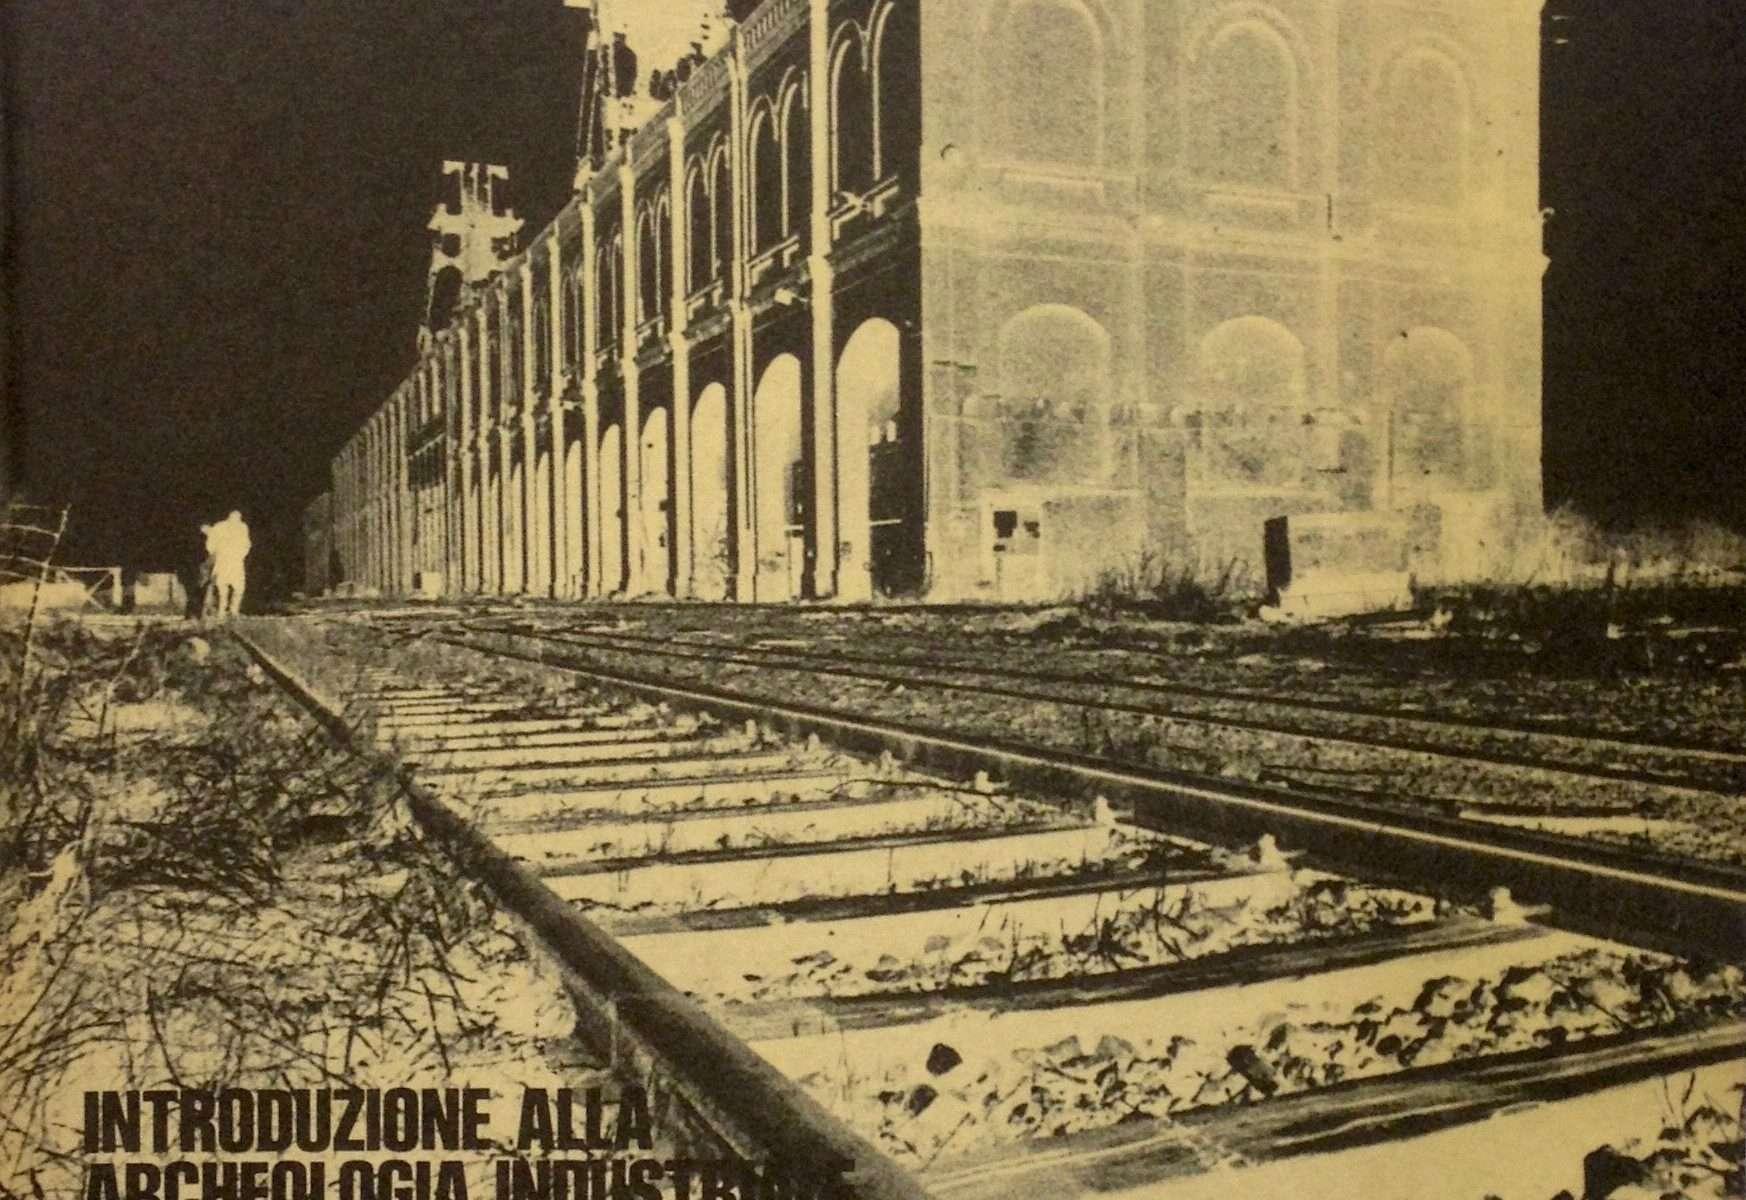 INTRODUZIONE ALL'ARCHITETTURA INDUSTRIALE  <BR/> Franco Borsi